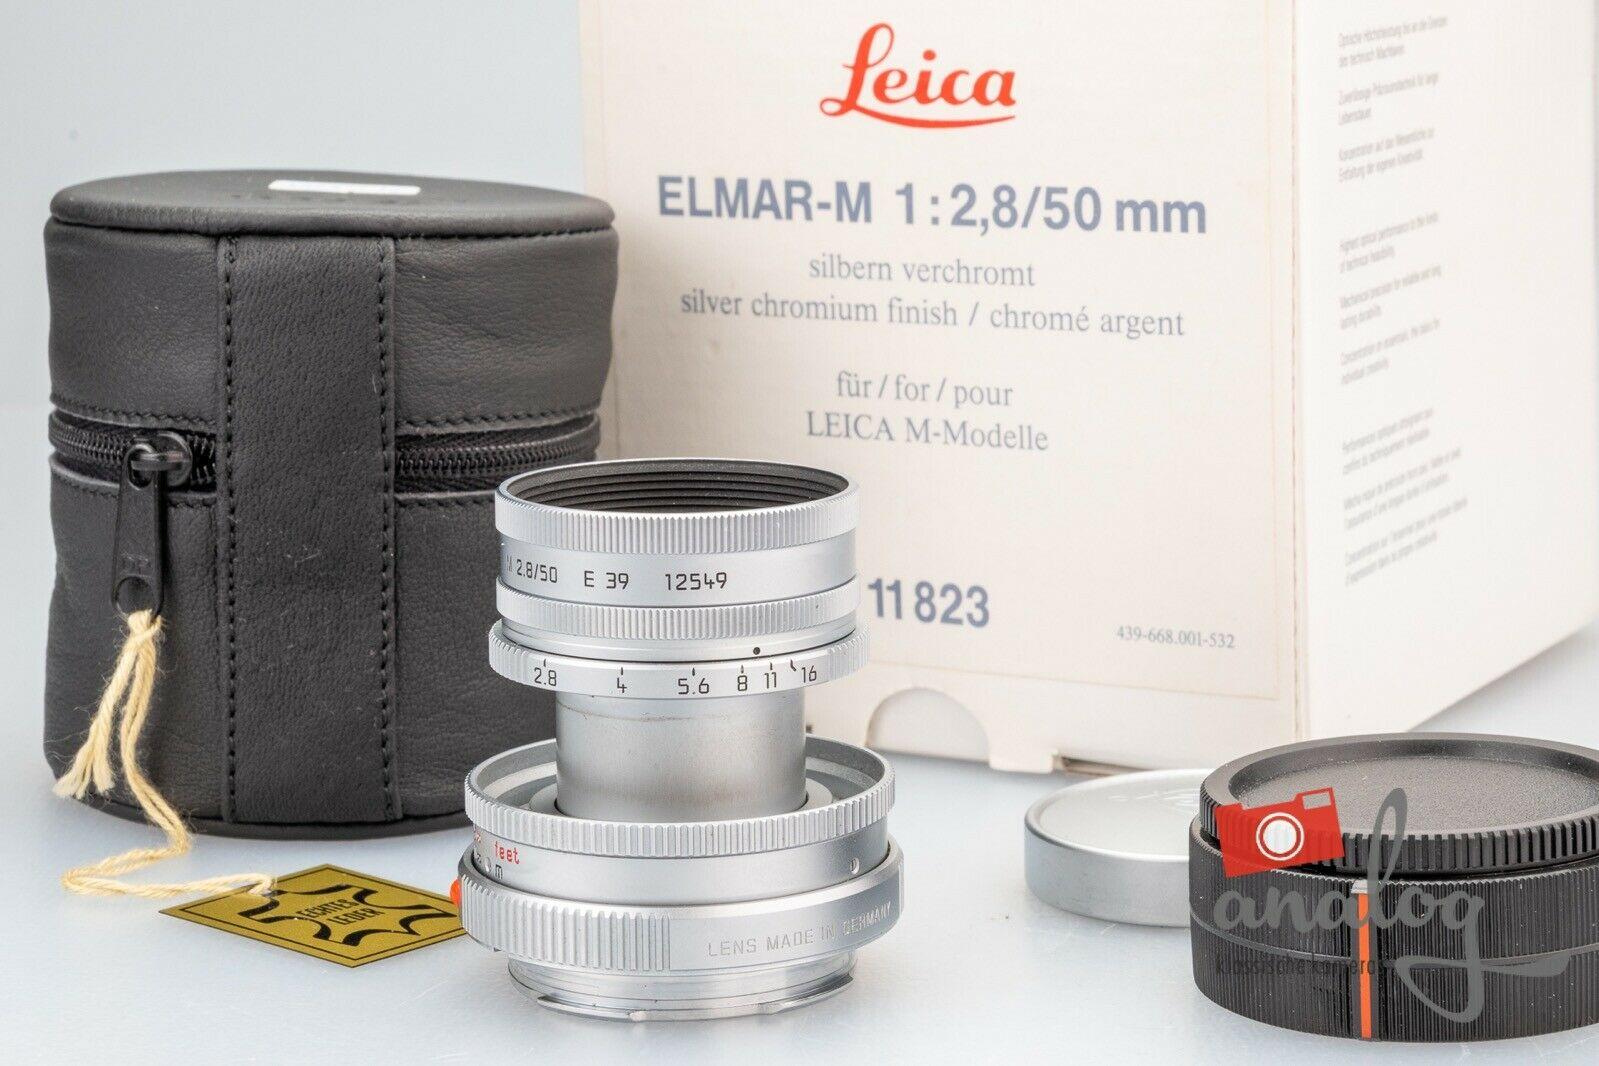 Leica Elmar-M 50mm 2.8 silbern verchromt - 11823 -  E39